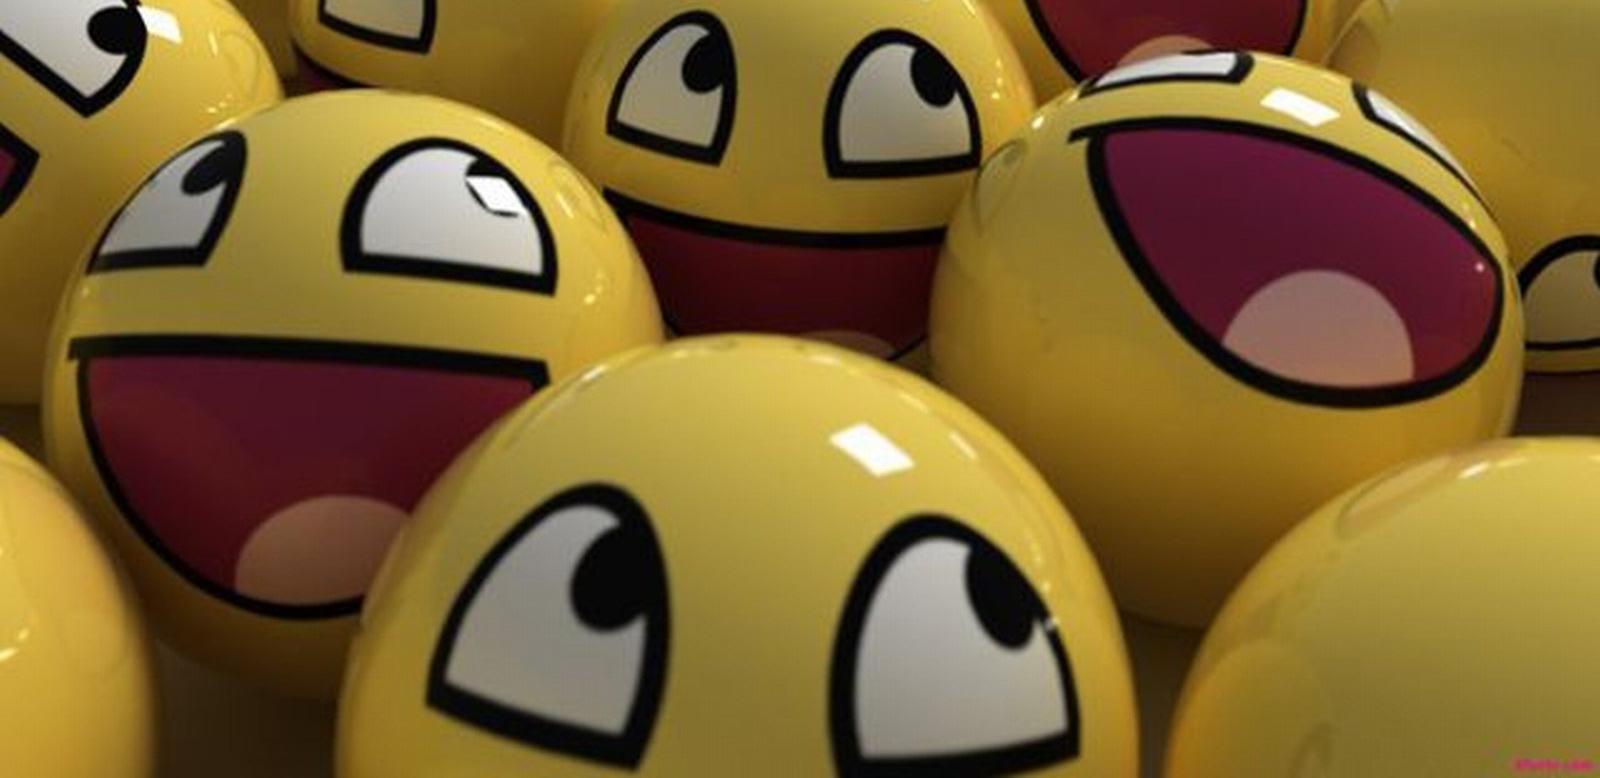 Conflito entre liberdade de expressão e humor- o que é corrupção e o que é honestidade?